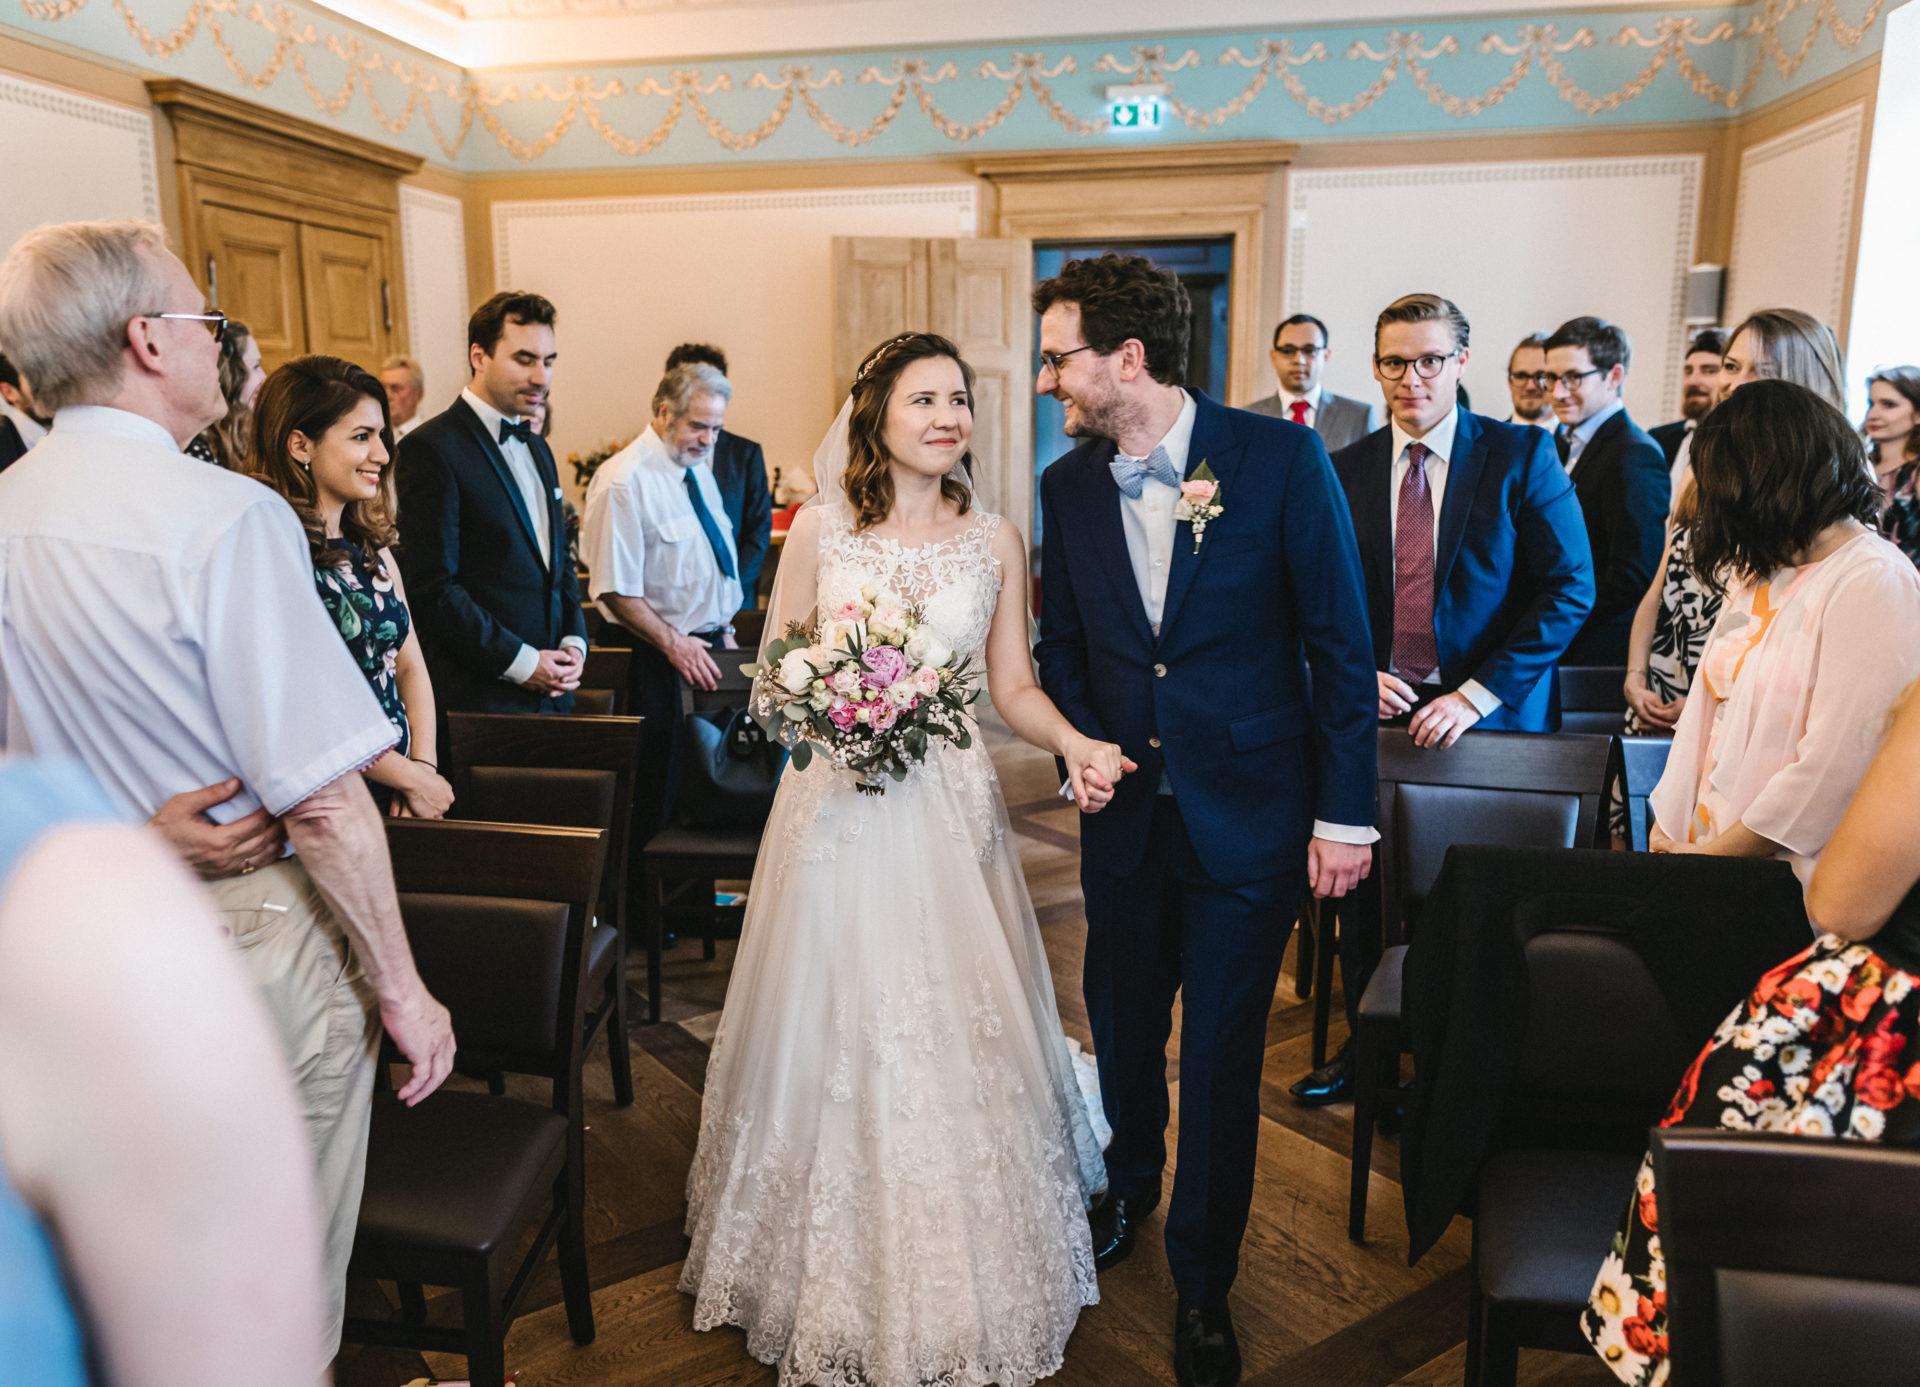 Hochzeitsreportage, Portfolio | Freie Trauung im Herrenhaus Möckern in Leipzig | 11